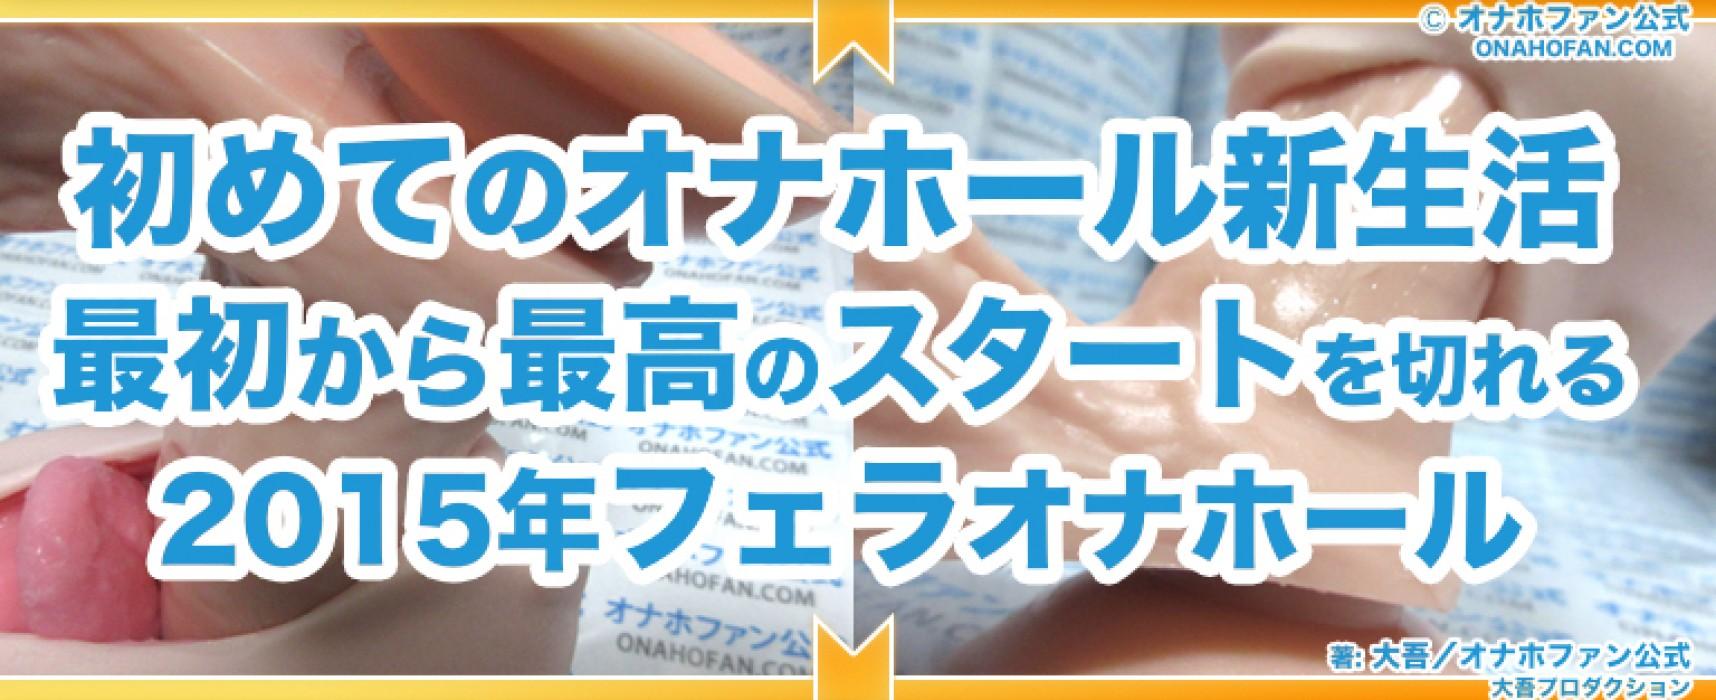 """2015年初めてのフェラオナホールならこれ!おすすめ超""""一""""選"""